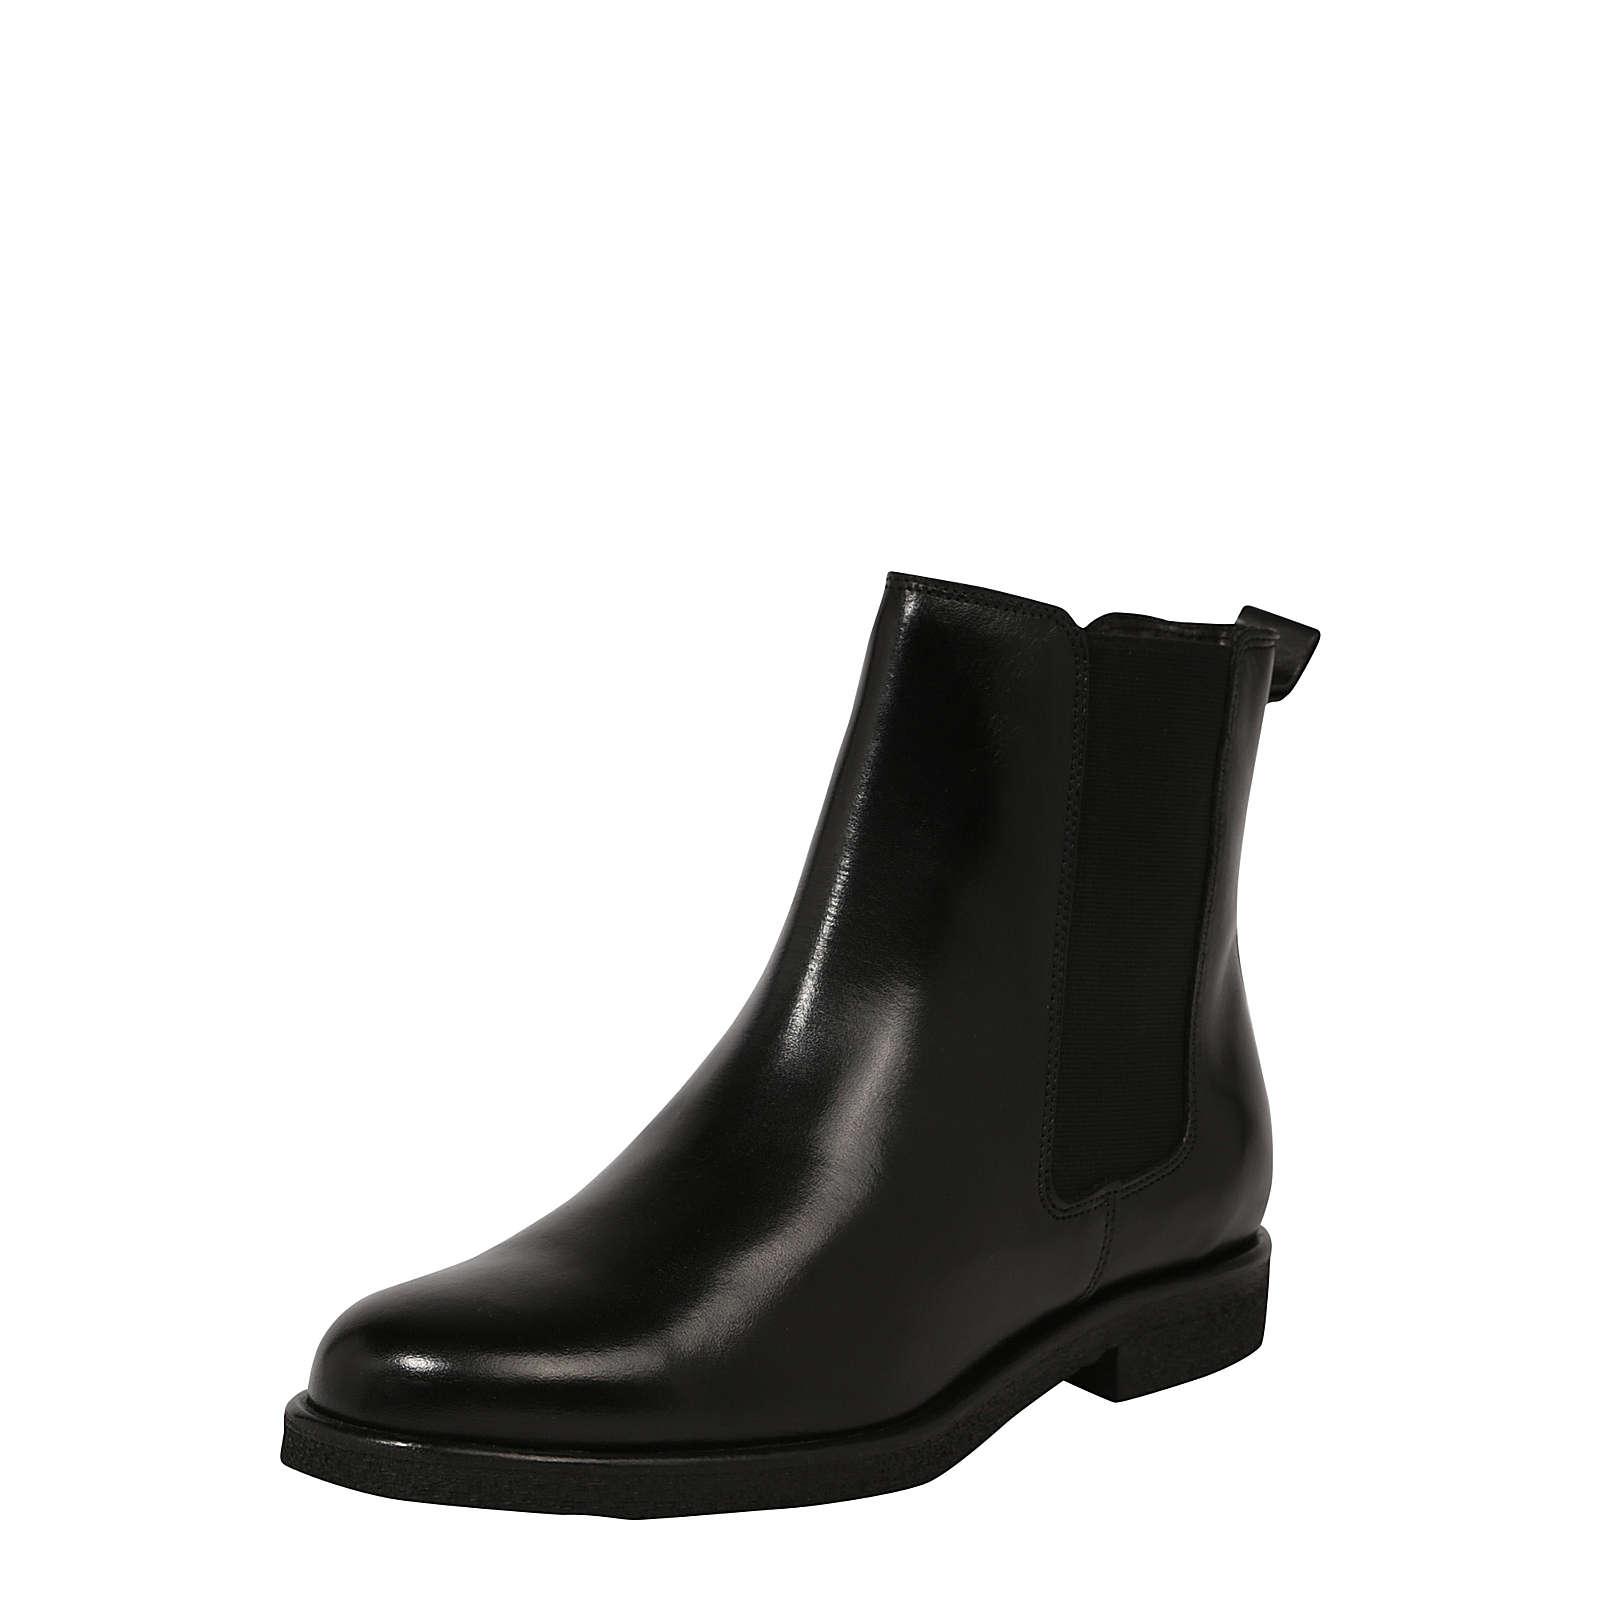 Zign Chelsea Boots Chelsea Boots schwarz Damen Gr. 41